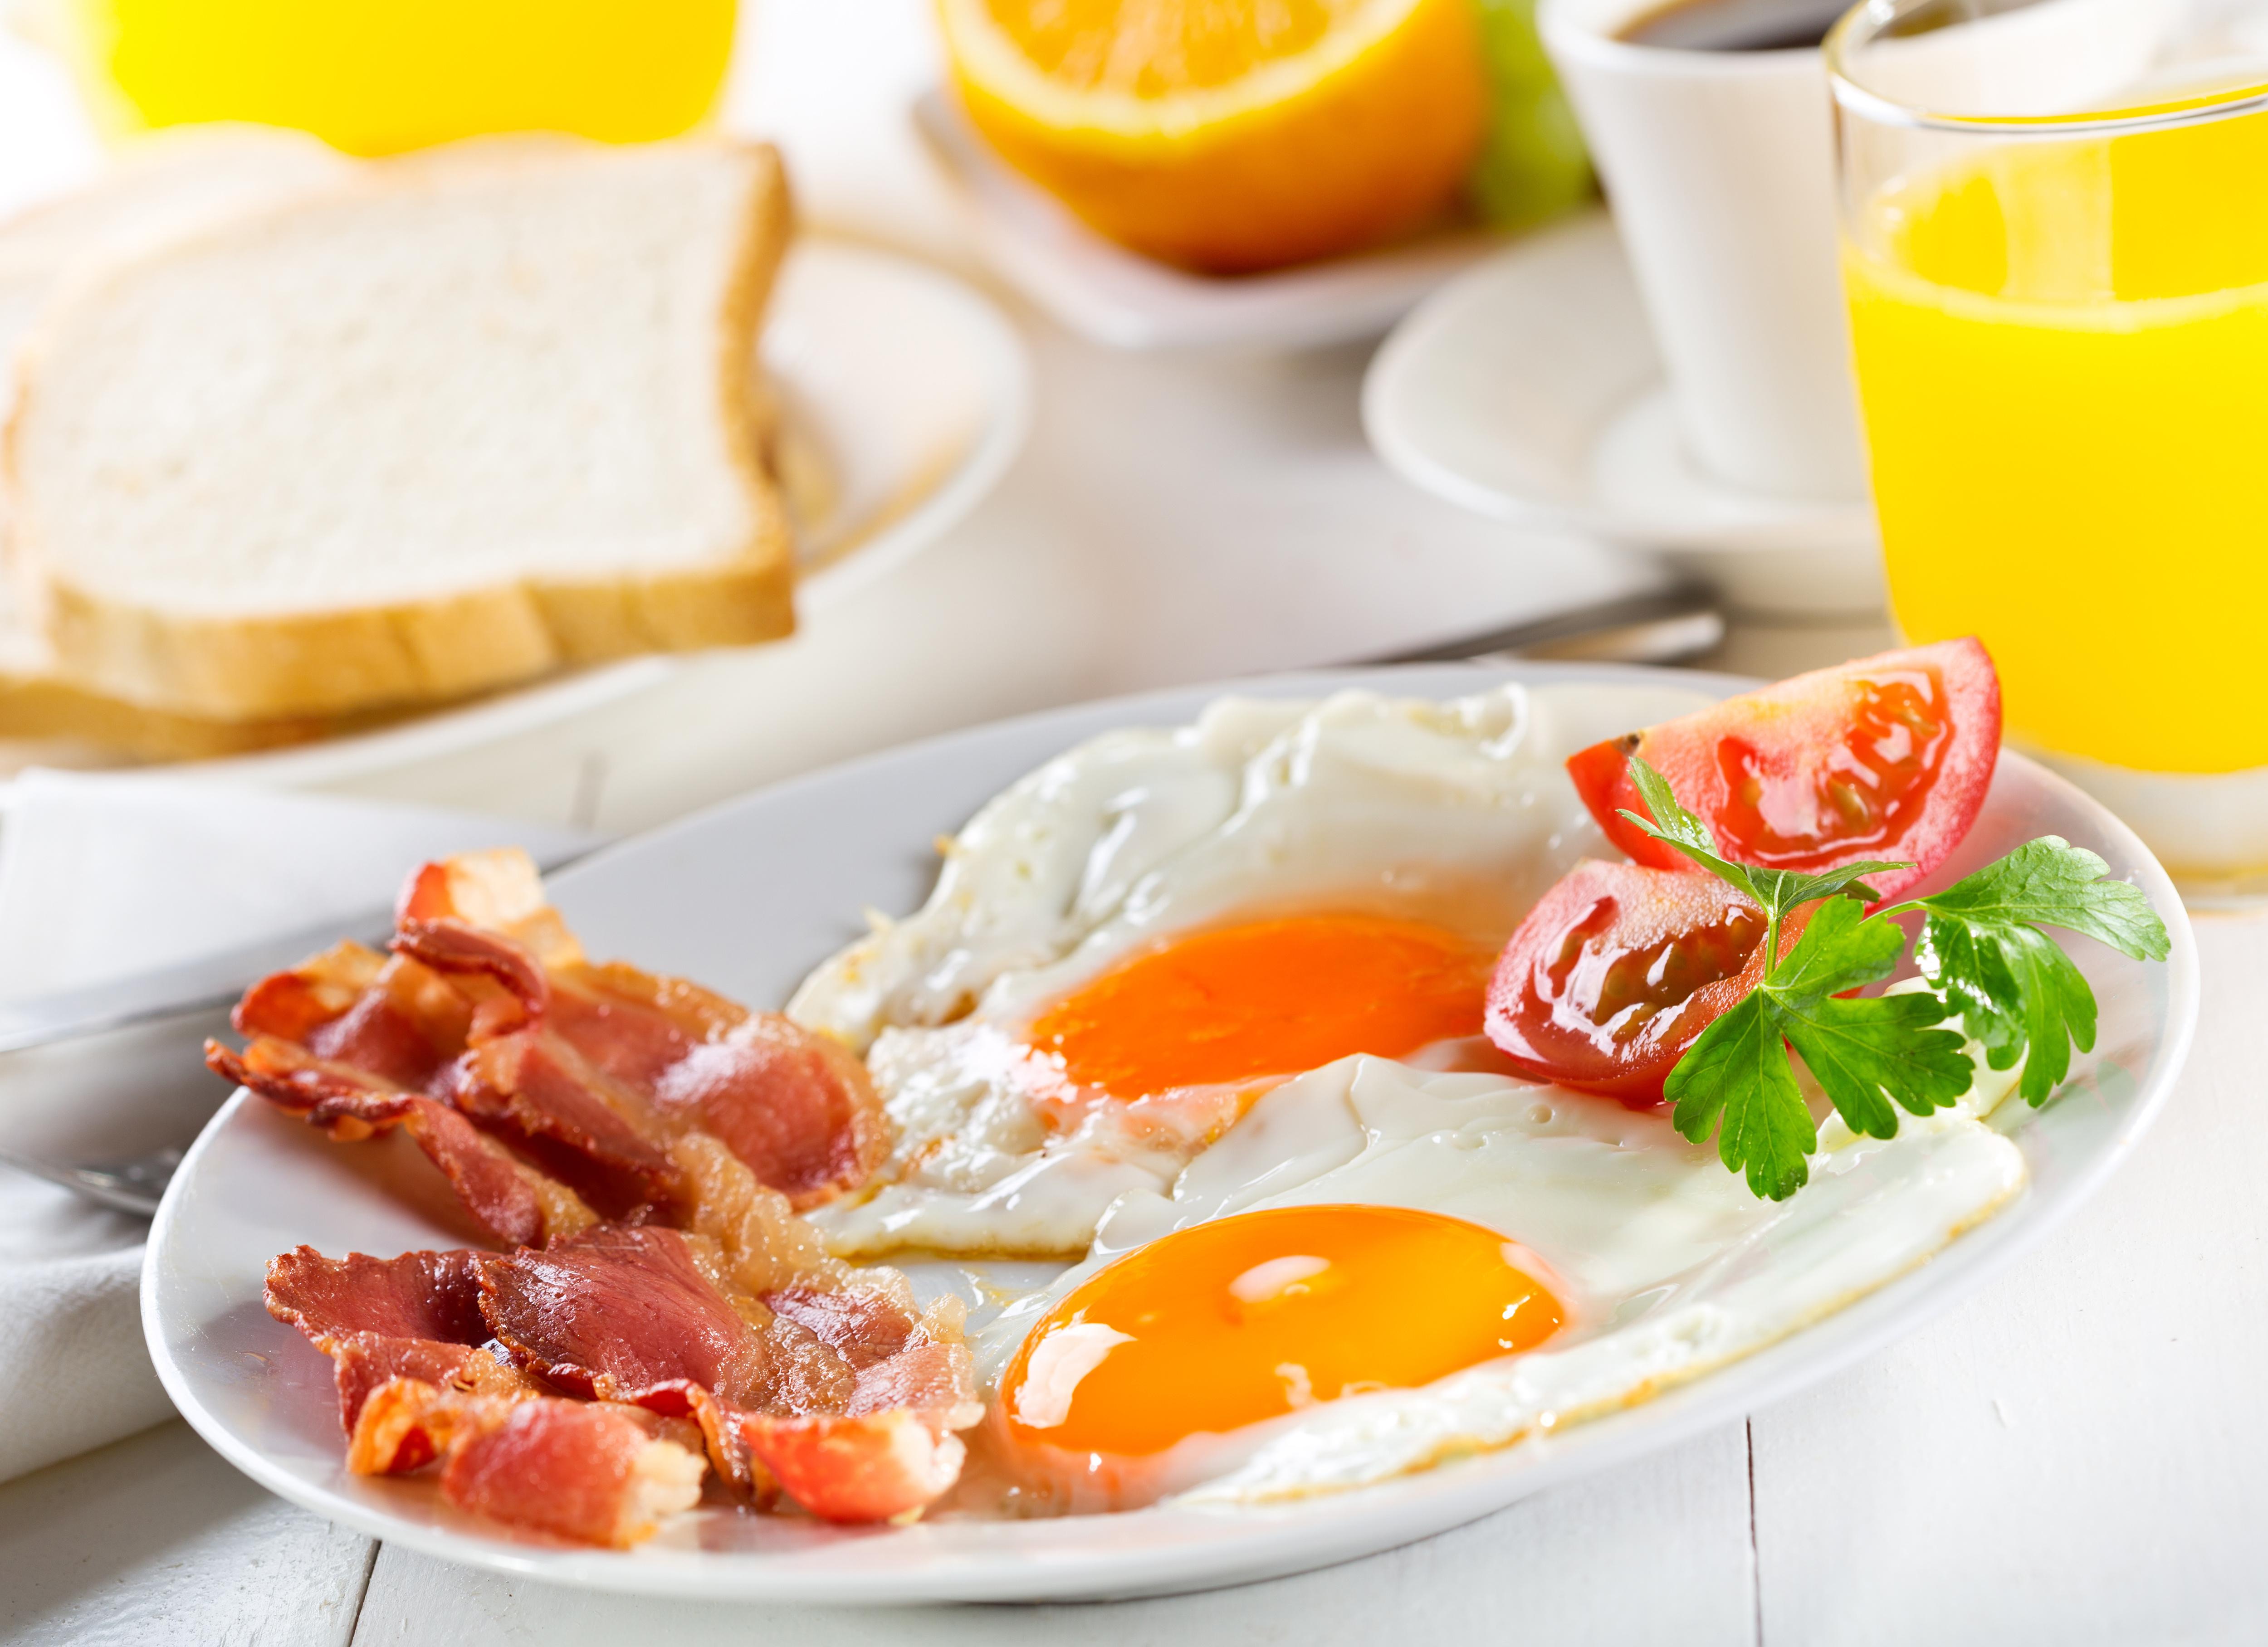 wallpapers breakfast food: Breakfast 4k Ultra HD Wallpaper